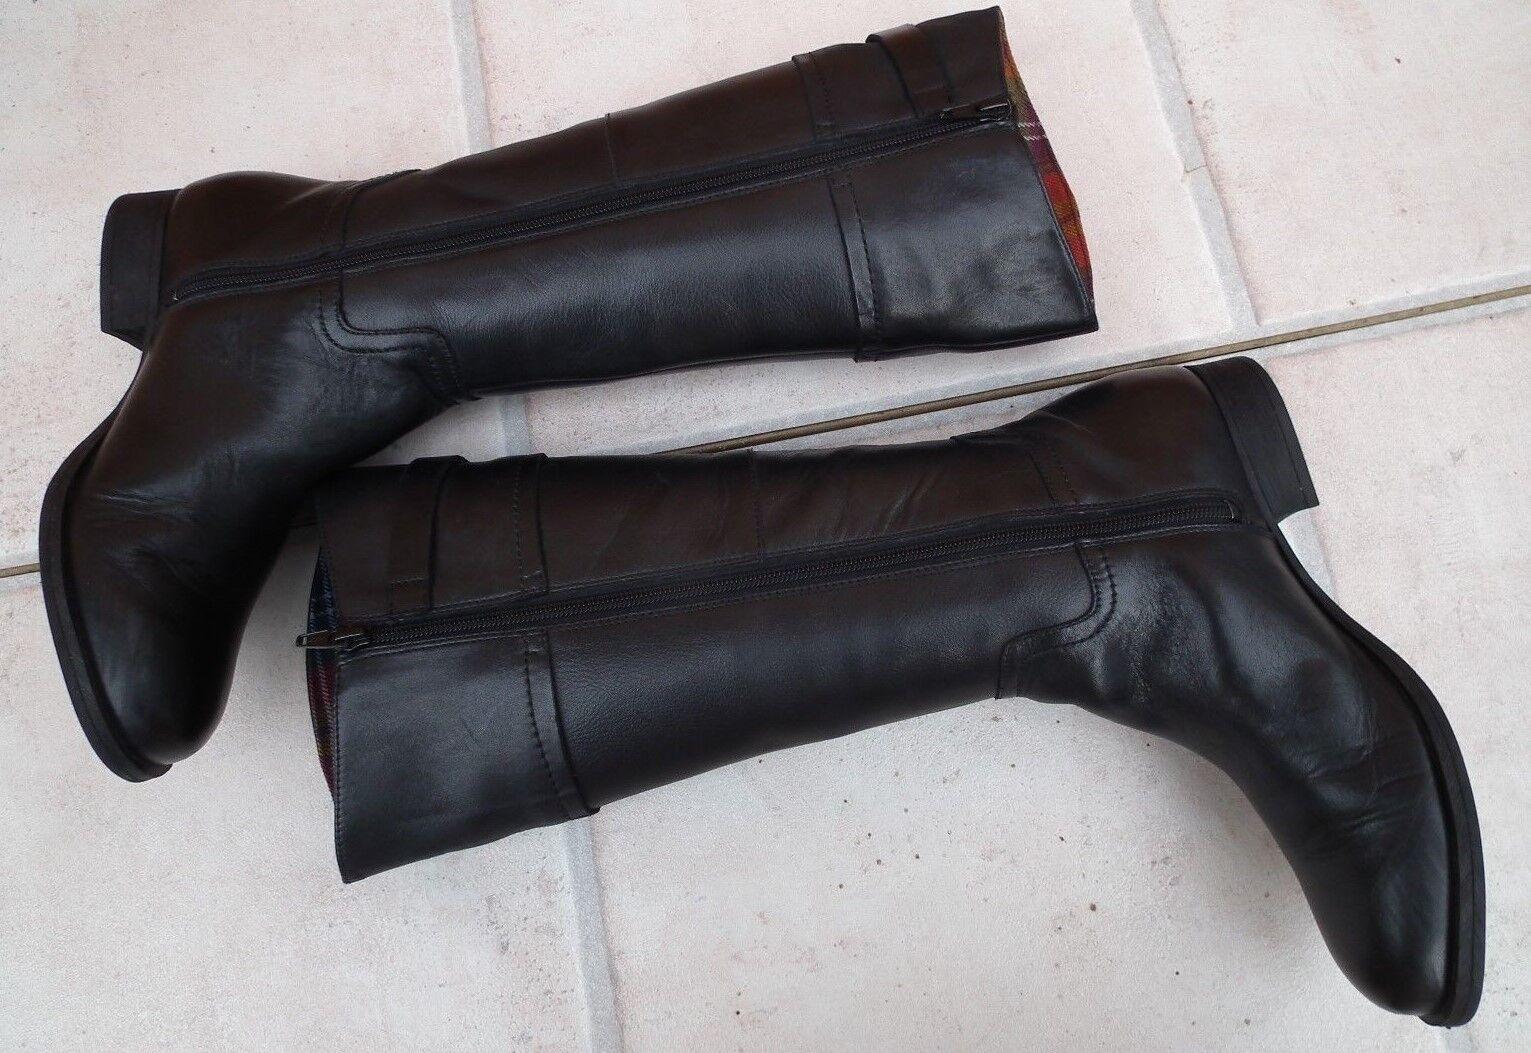 Clarks am químicos Dance  botas De Cuero Negro botas botas botas Hasta La Rodilla Talla 37.5 de la UE, Reino Unido 4.5 02552c